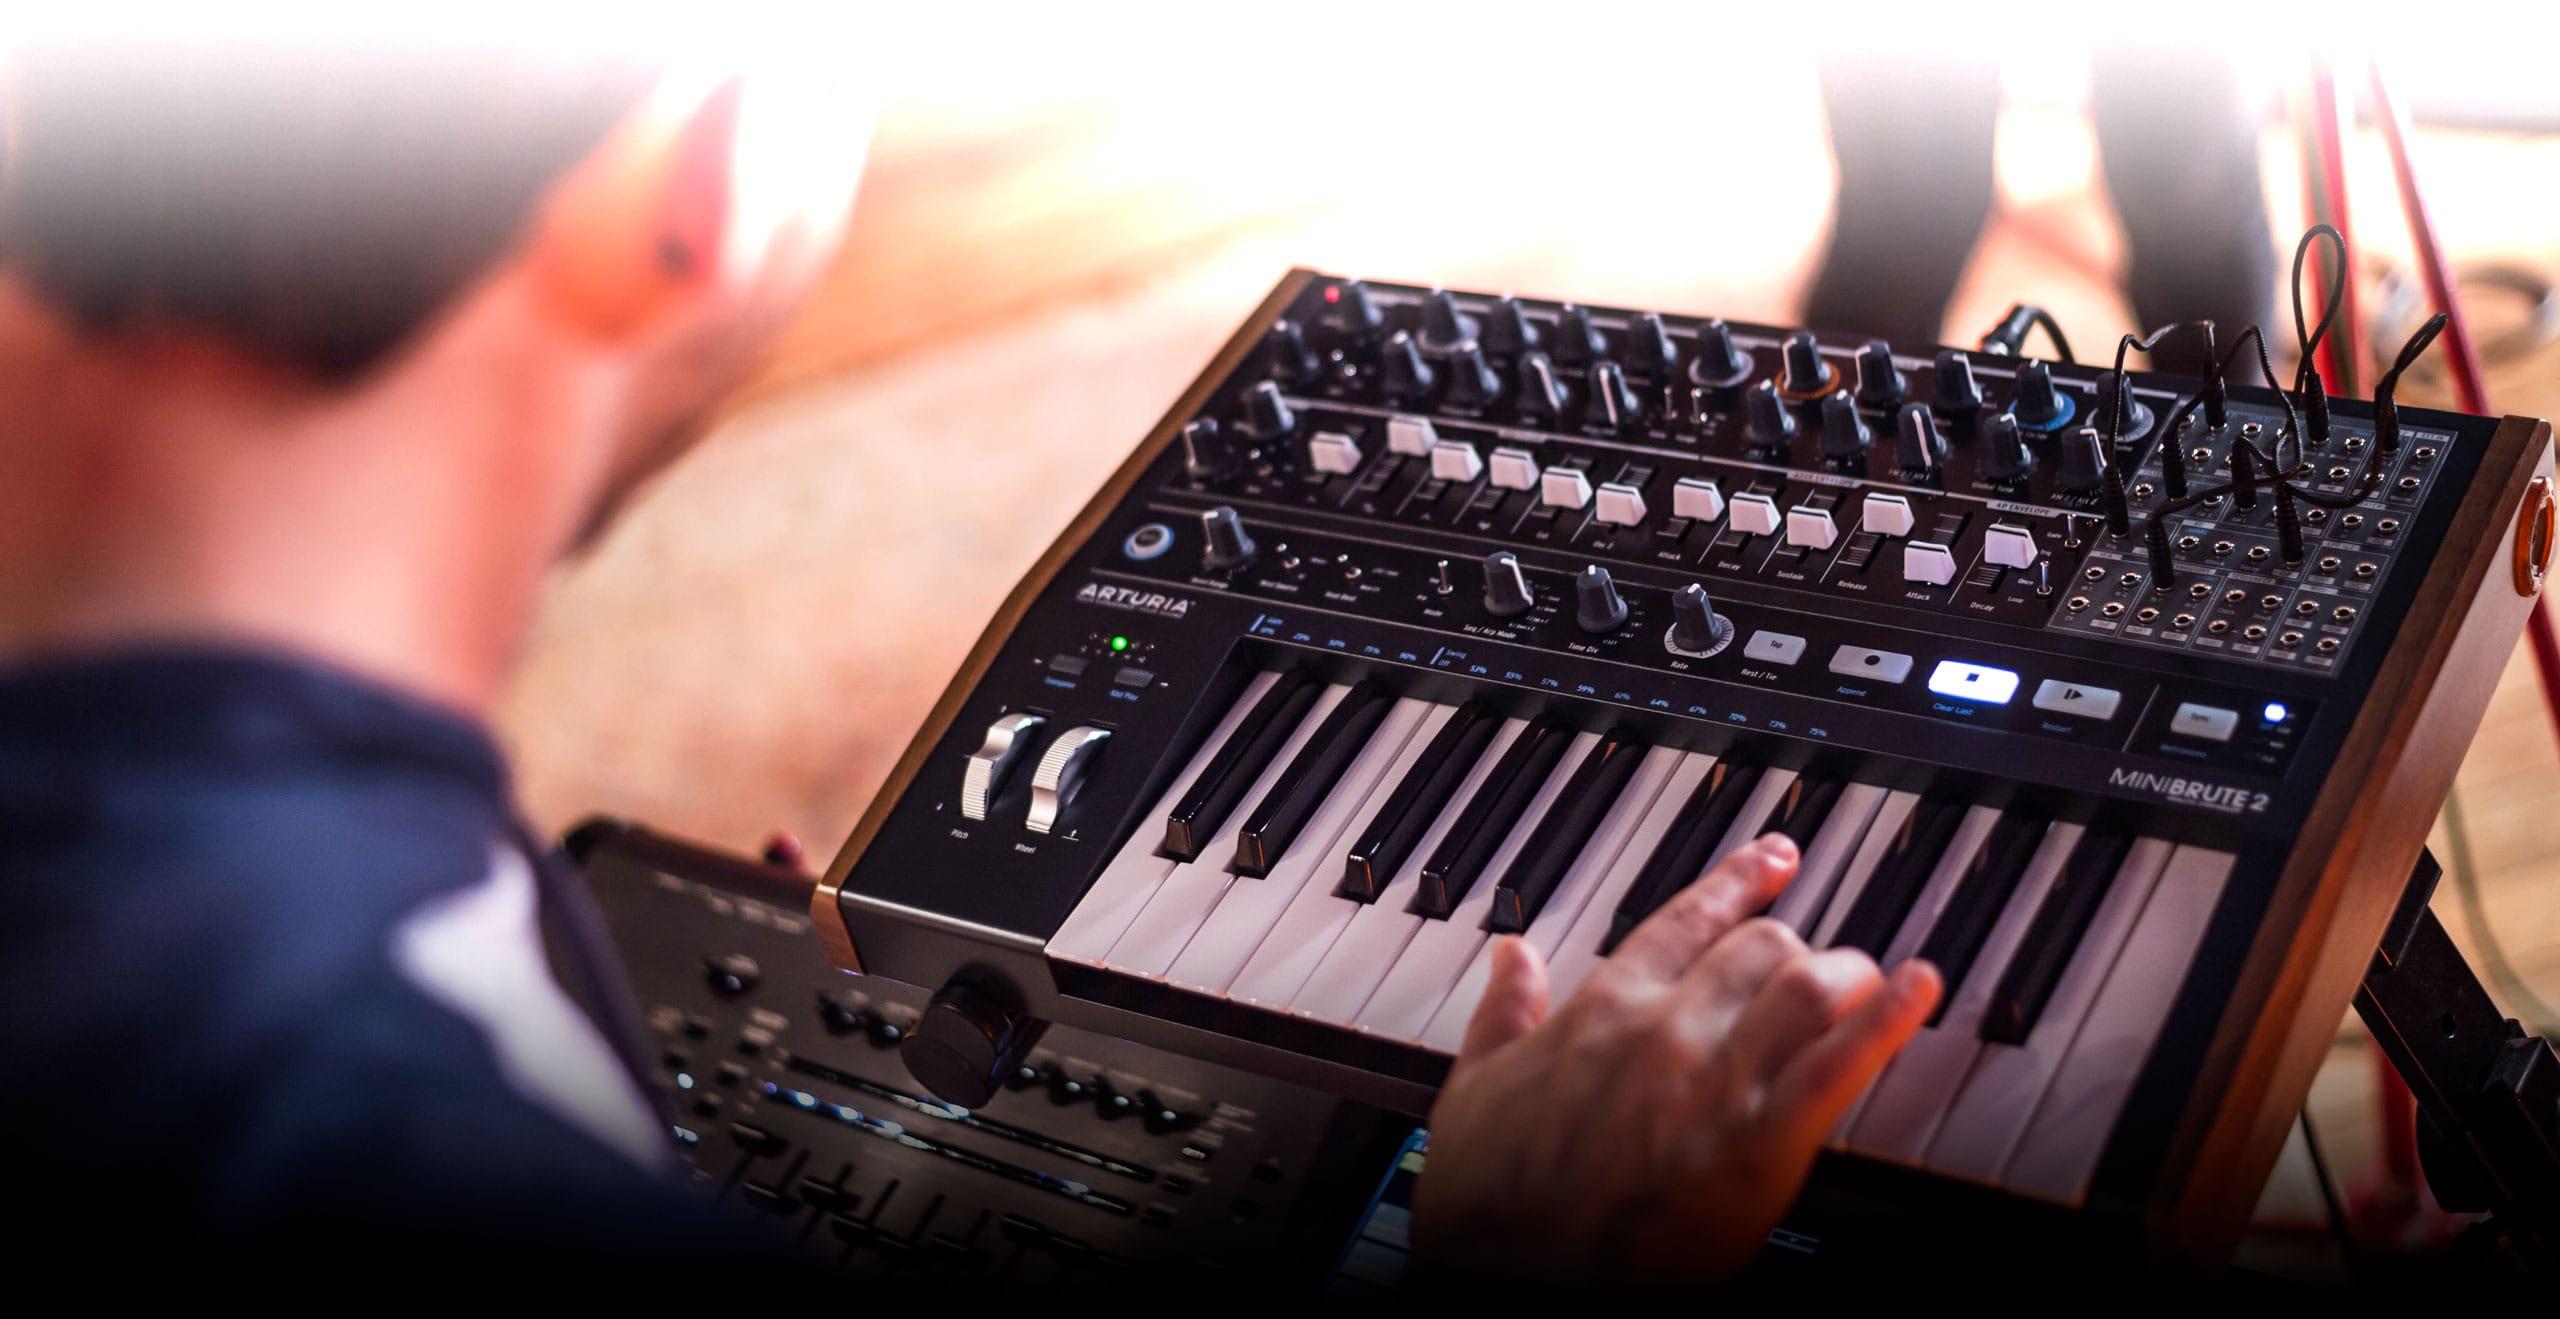 Cinco sintetizadores polifónicos con muy buena relación calidad/precio - Imagen